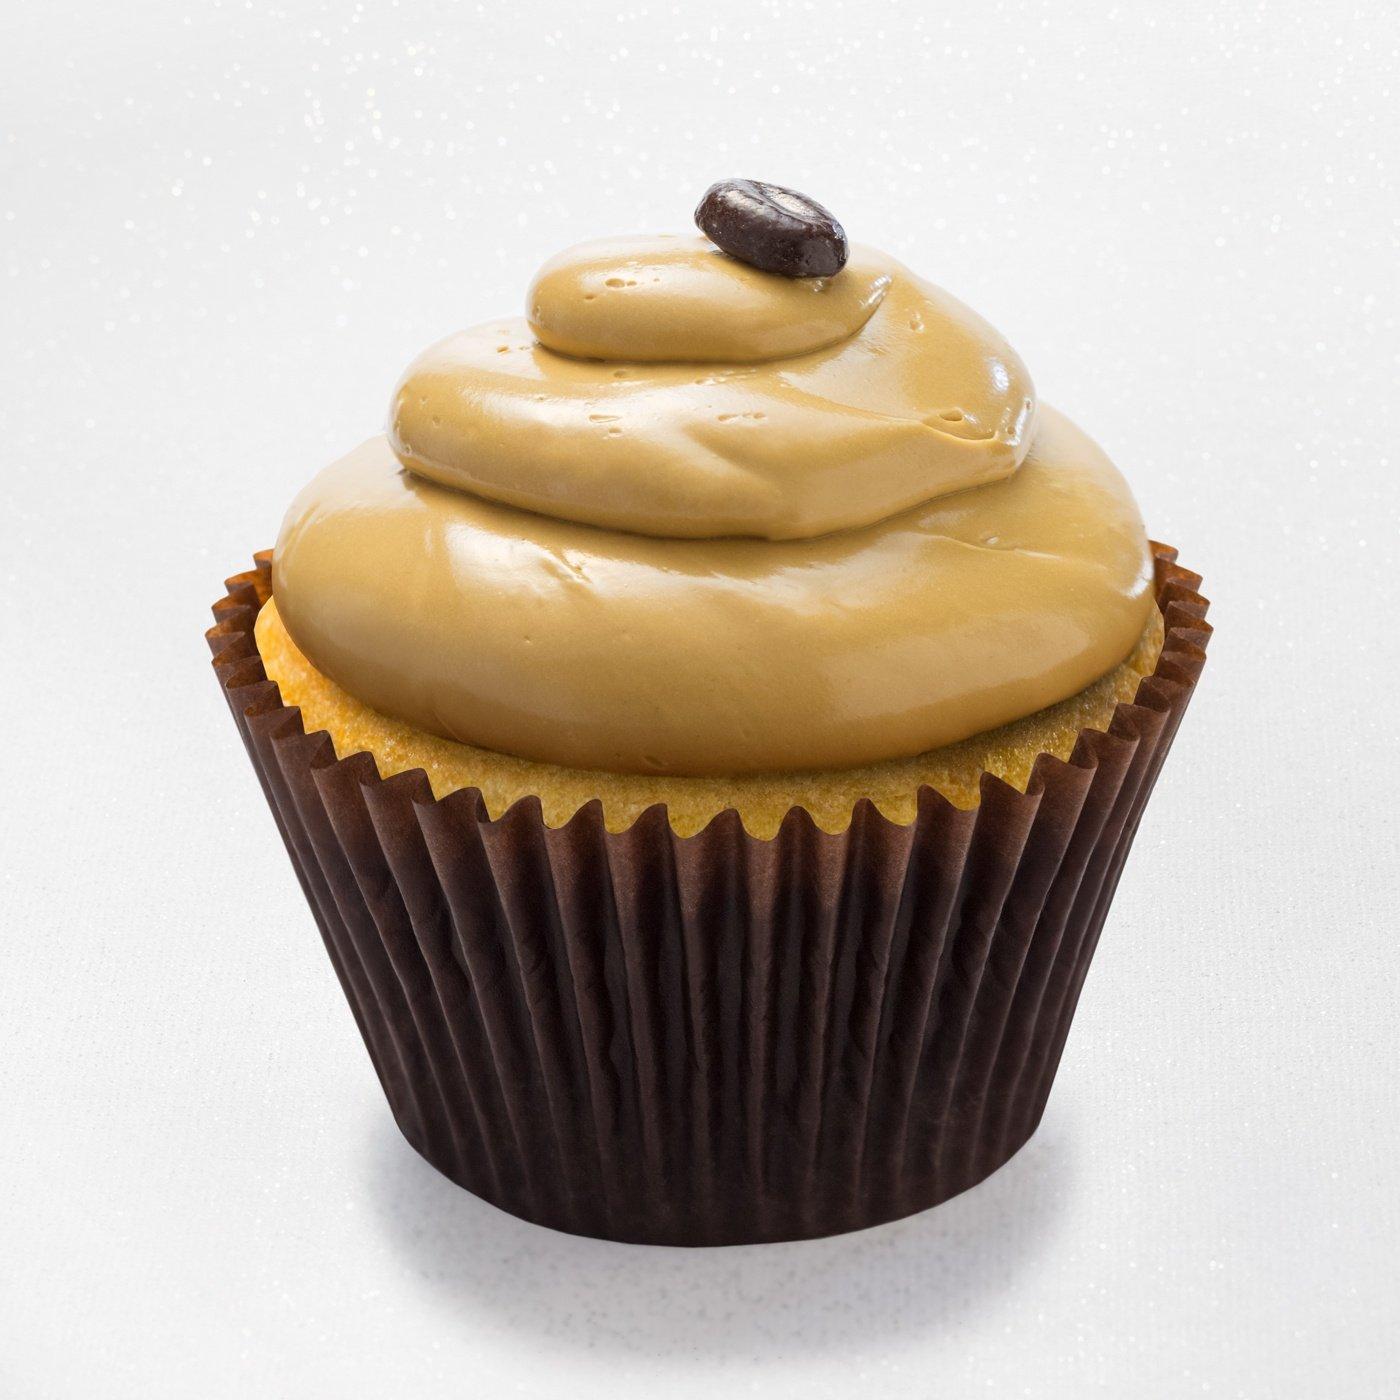 Mocha truffle - vanilla cupcake with chocolate fudge